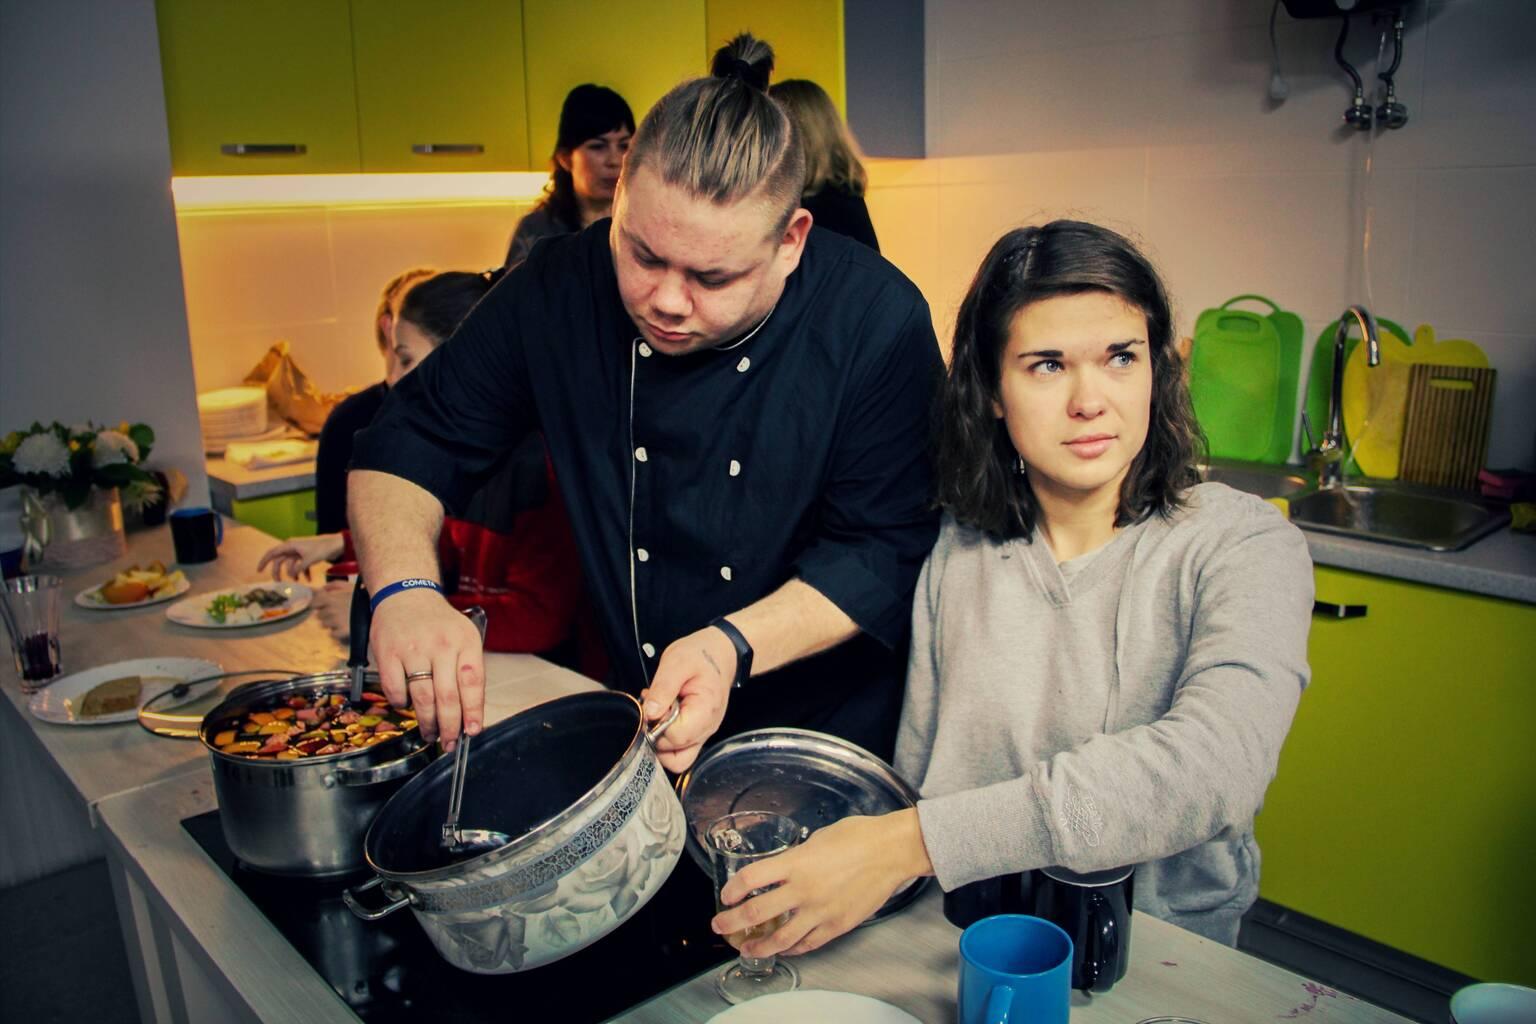 В Хабе состоялся кулинарный мастер-класс для молодых людей с инвалидностью.